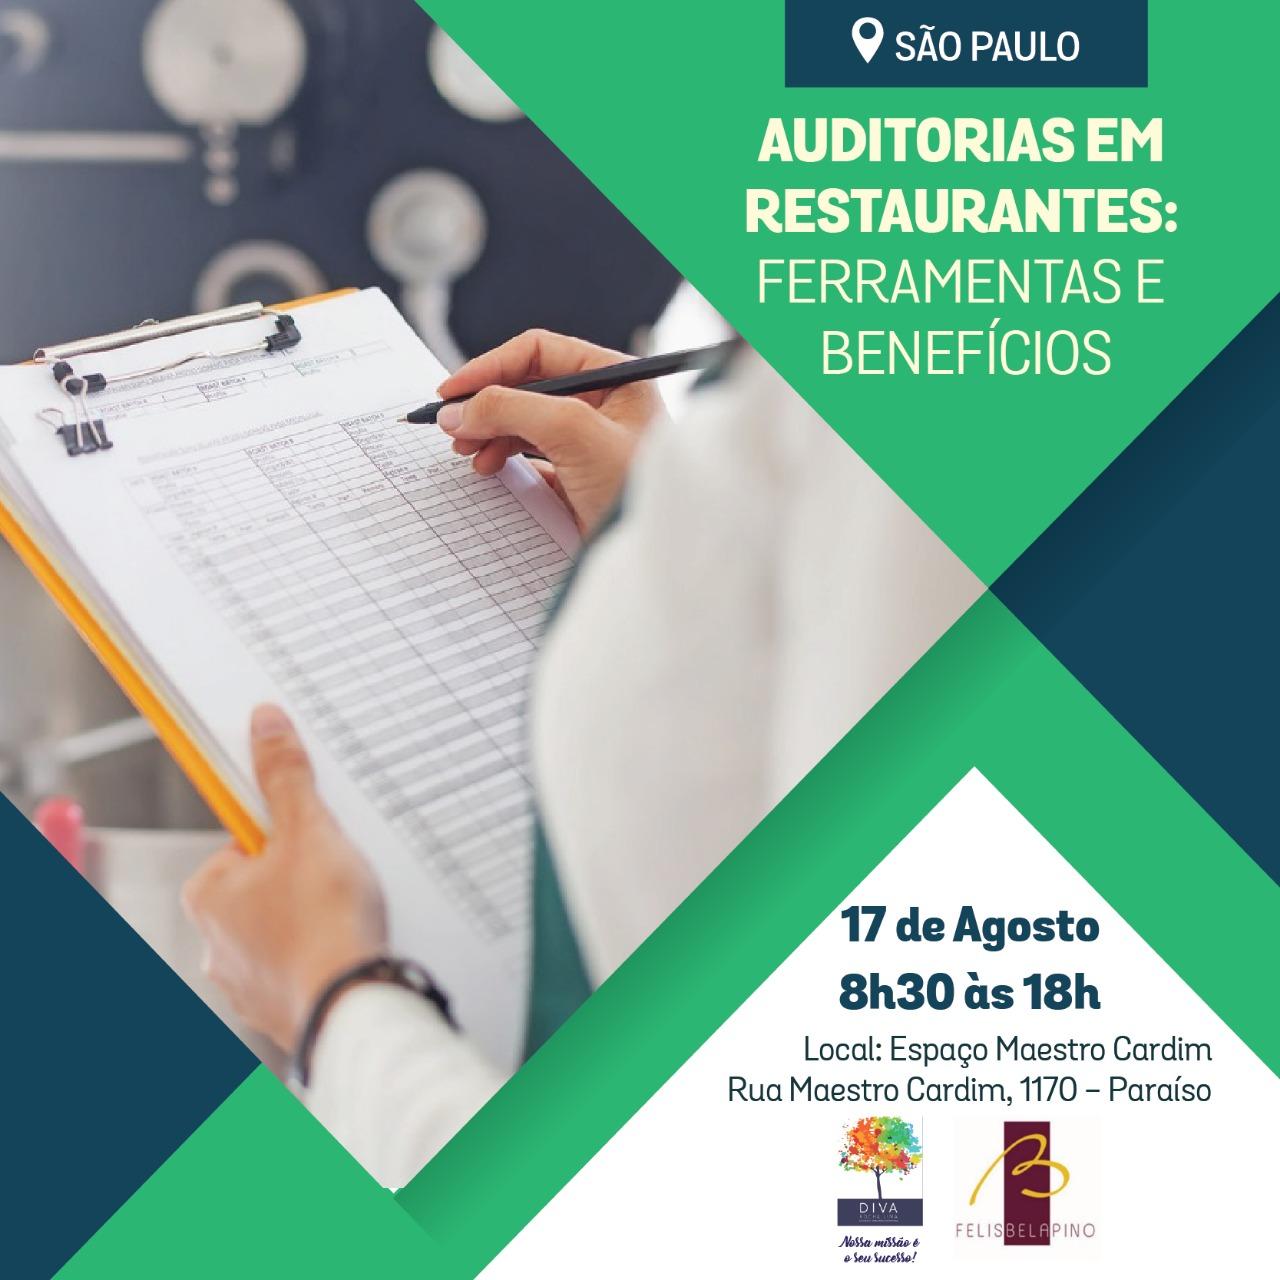 Auditorias em Restaurantes: Ferramentas e Benefícios